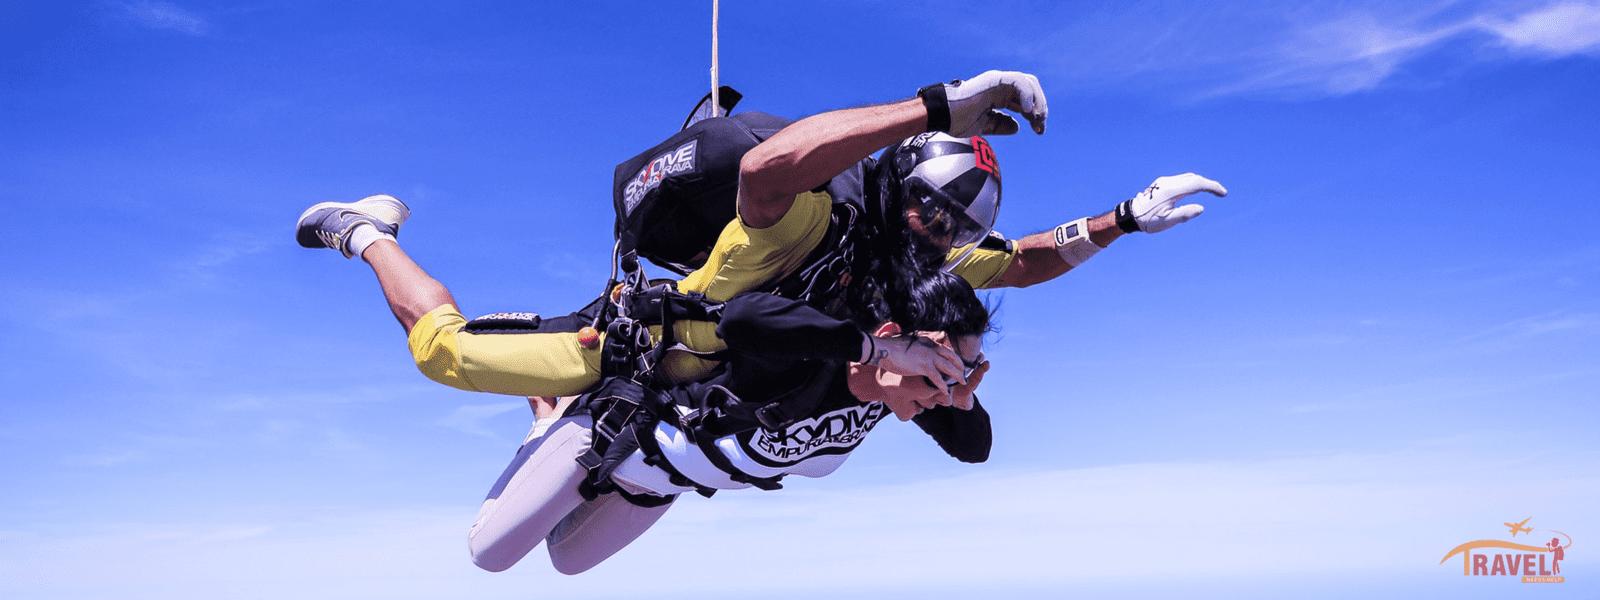 Skydiving in Pattaya - Tour